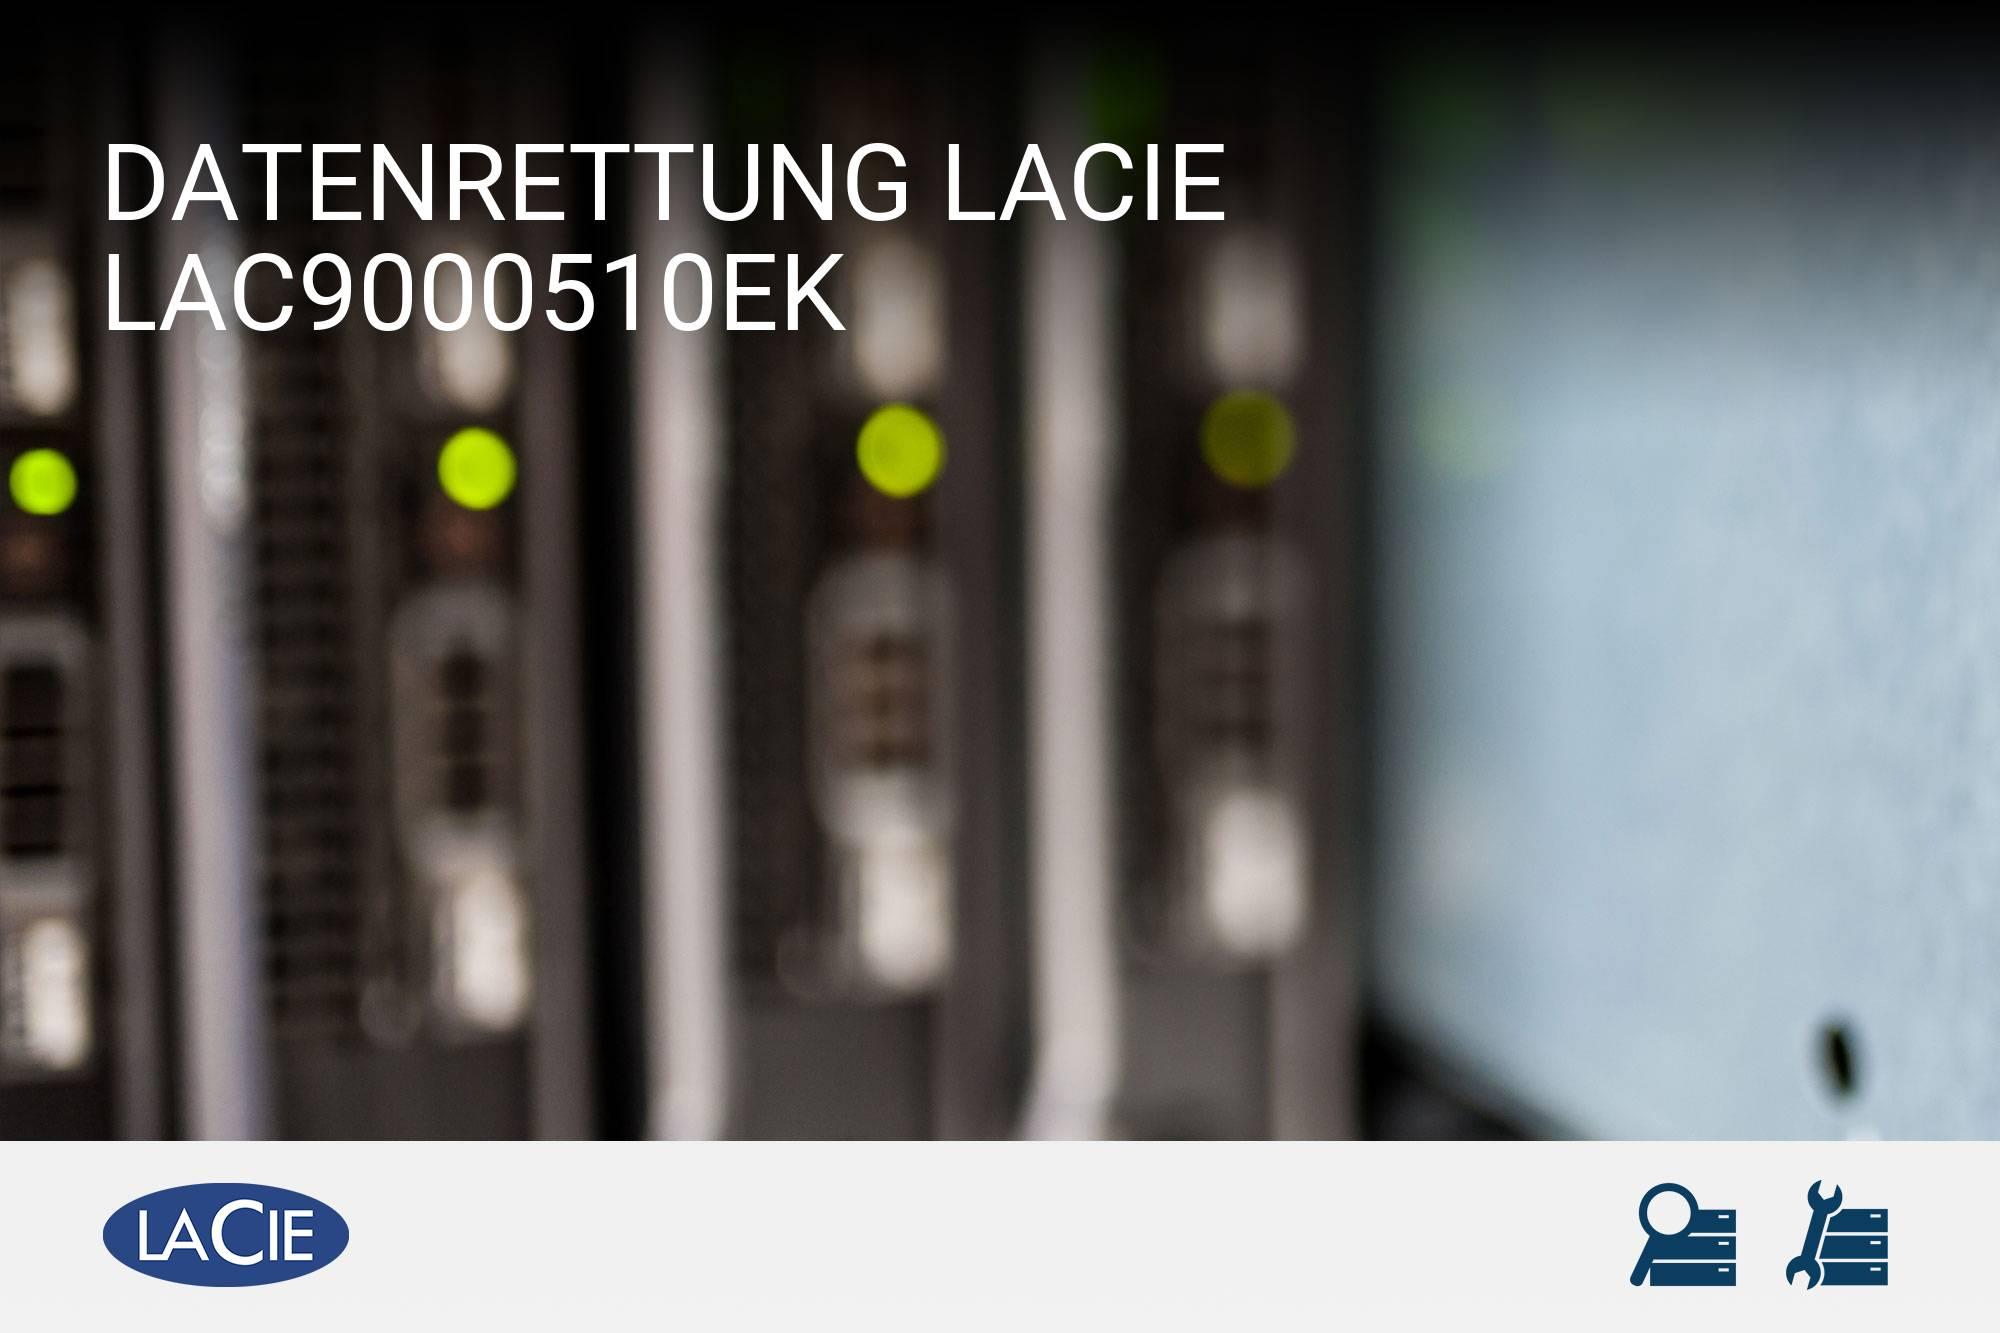 LaCie LAC9000510EK